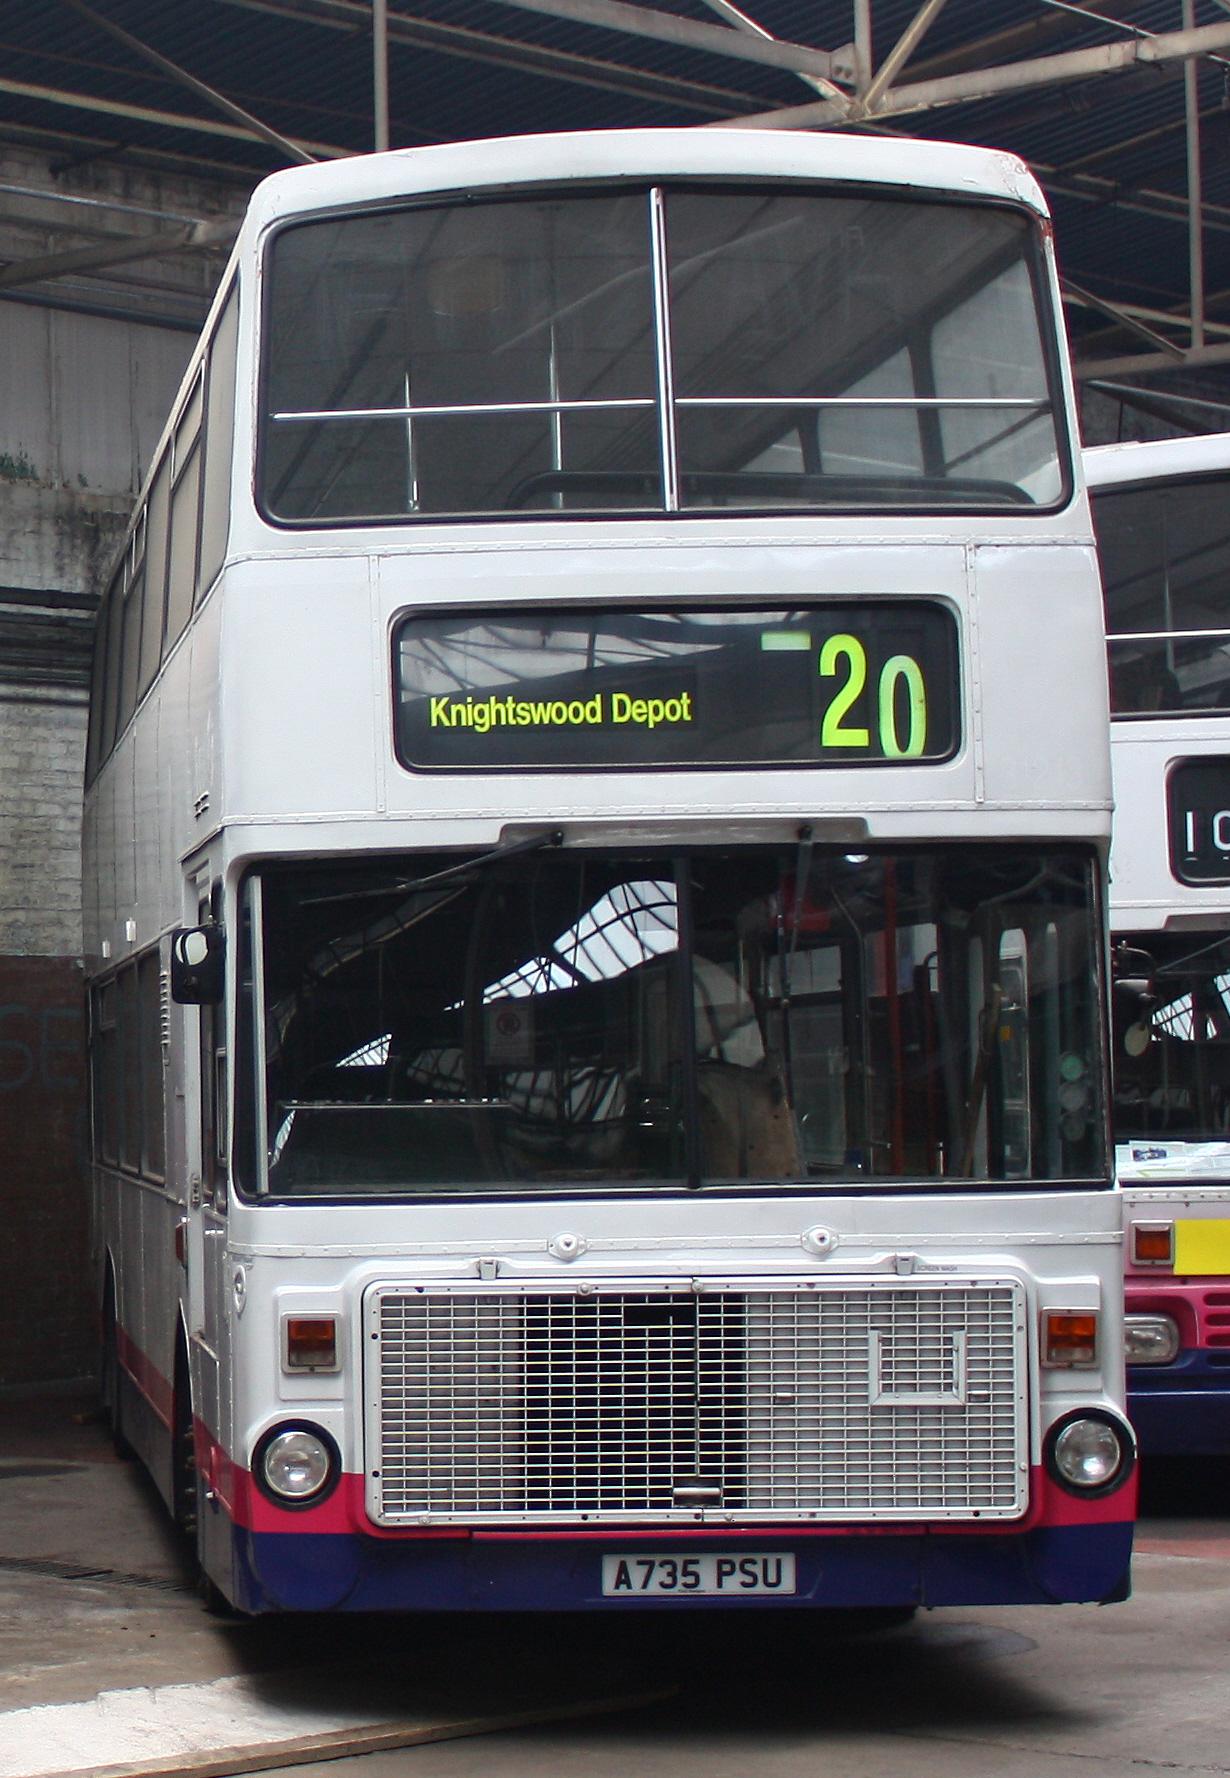 File:Preserved First Glasgow bus 31213 (A735 PSU) 1983 Volvo Ailsa B55 Alexander RV, 2009 ...